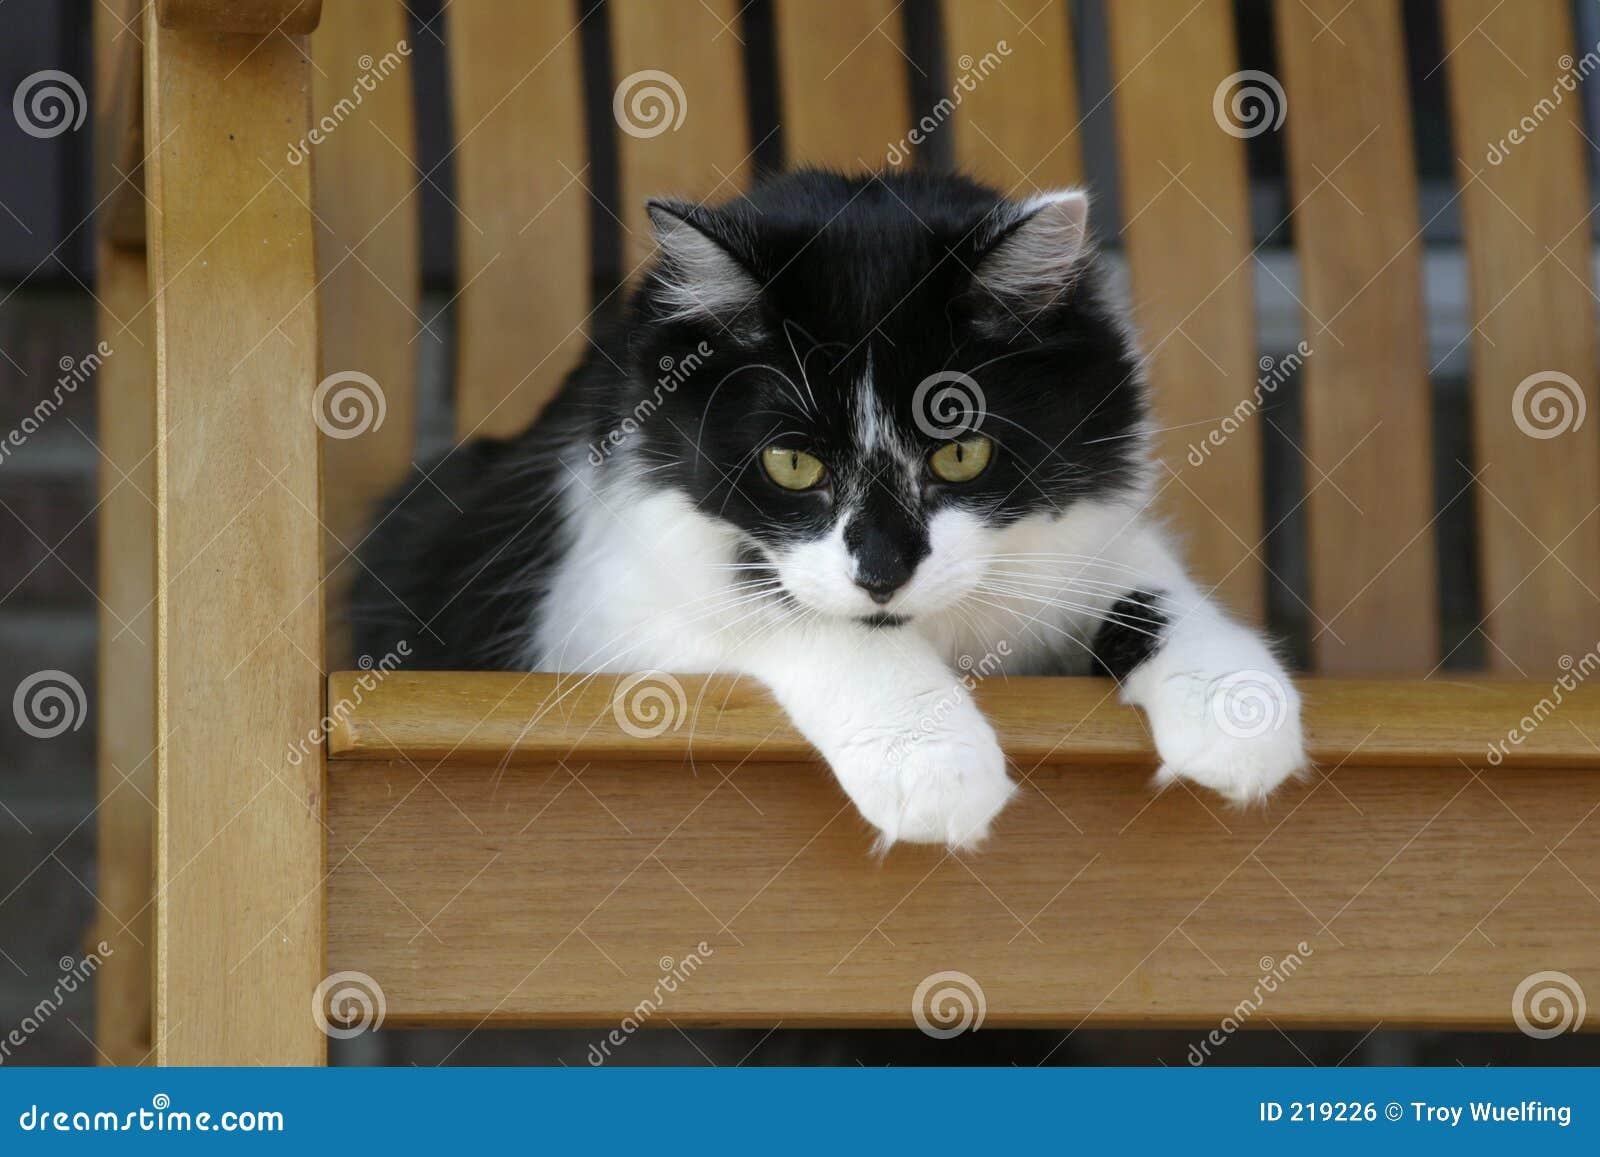 Gato preguiçoso que descansa em uma cadeira de balanço